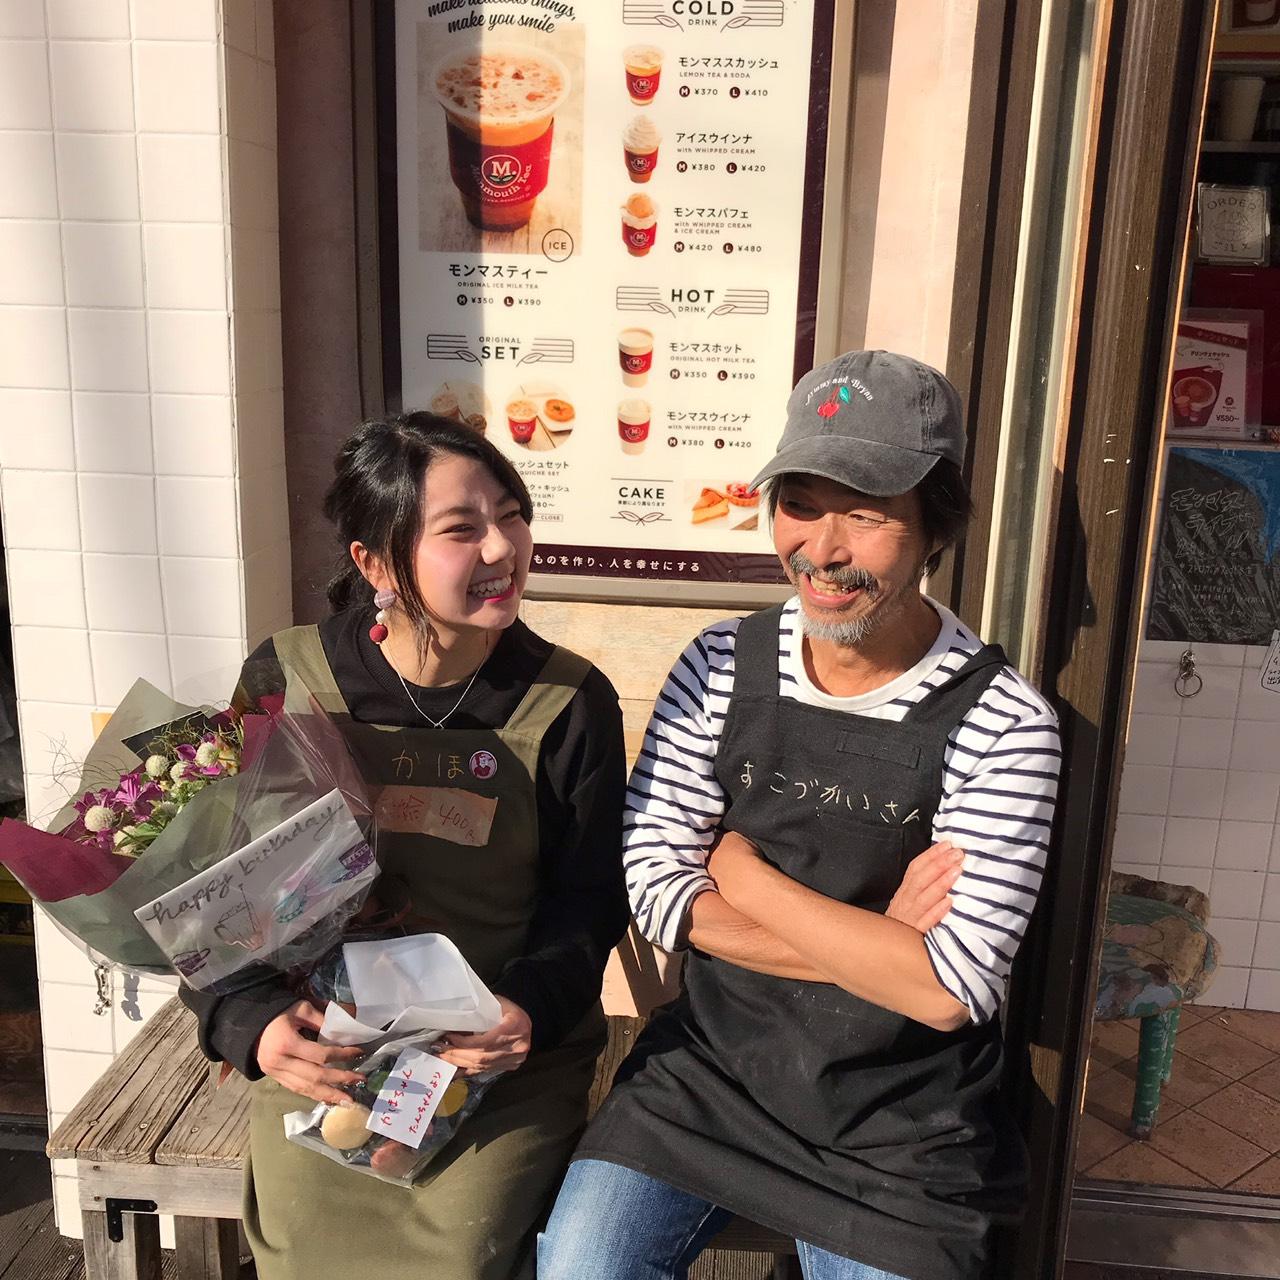 「happybirthdayかほちゃん、」_a0075684_9295546.jpg